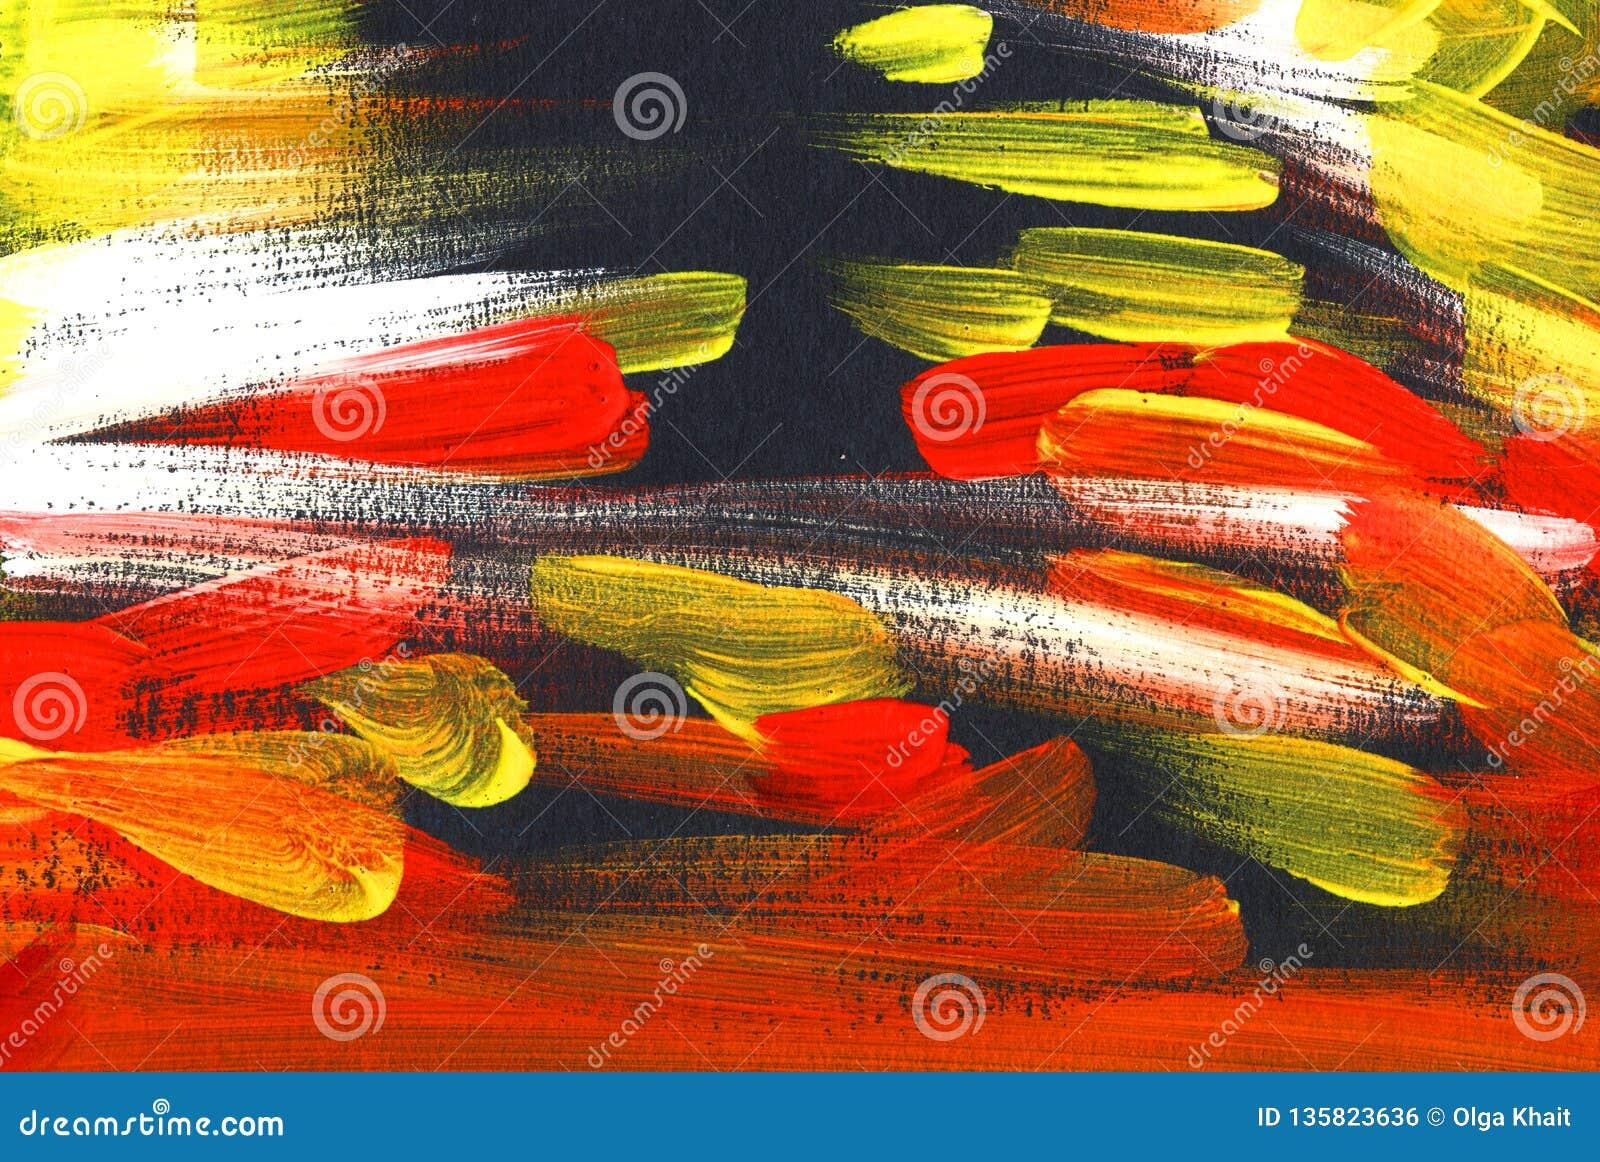 Svart, vit, röd gul abstrakt bakgrund Hand målade illustrationen